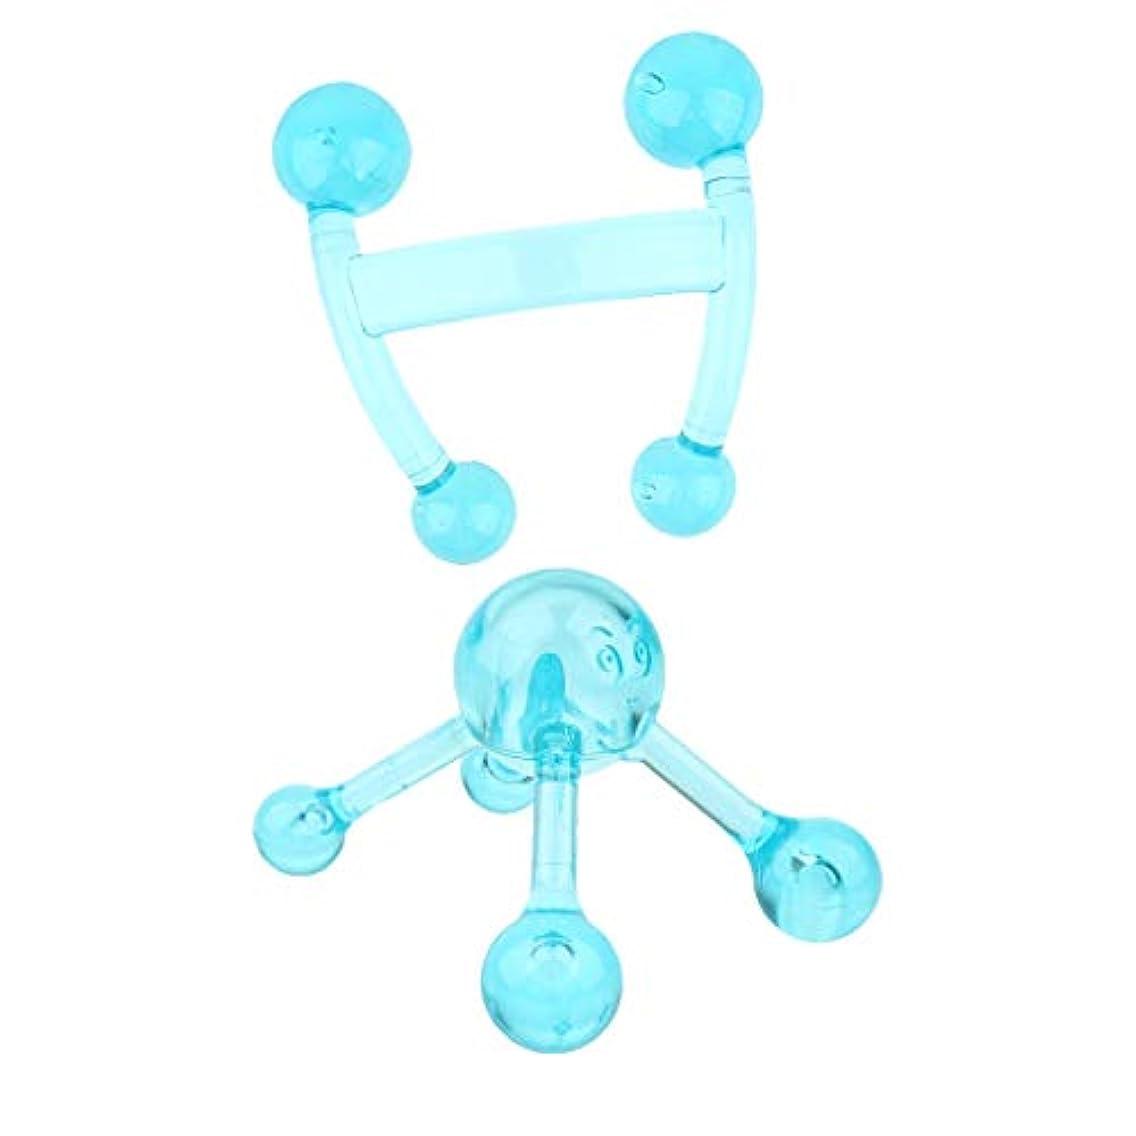 居眠りするレッスン指dailymall 首の肩の弛緩のための2x深いティッシュのマッサージ用具の手持ち型のマッサージャー